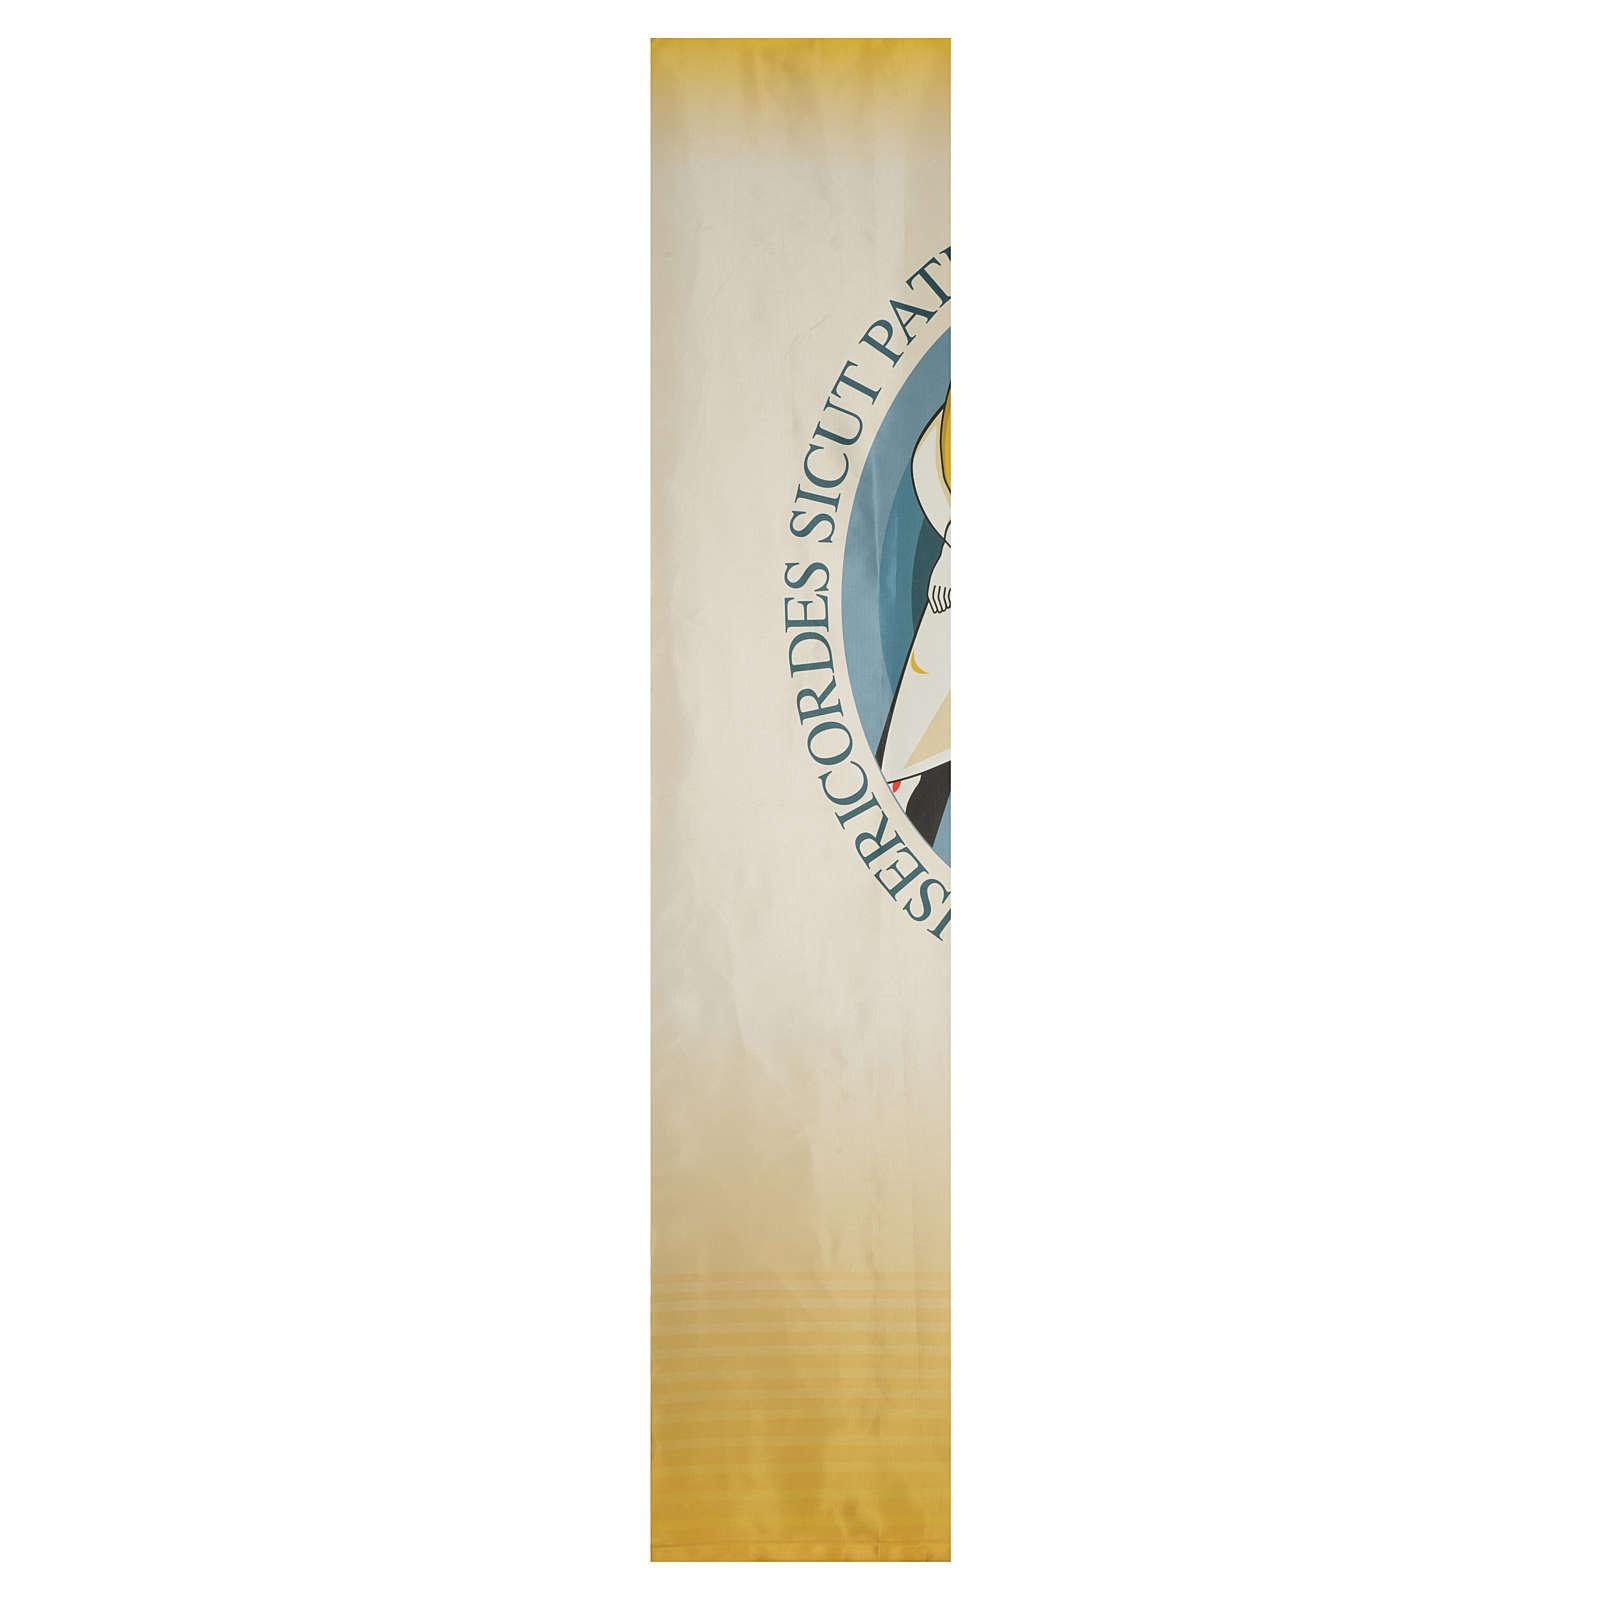 STOCK Druck des Logos zum Jubiläum der Barmherzigkeit auf Stoff 110x250 cm LATEIN 3